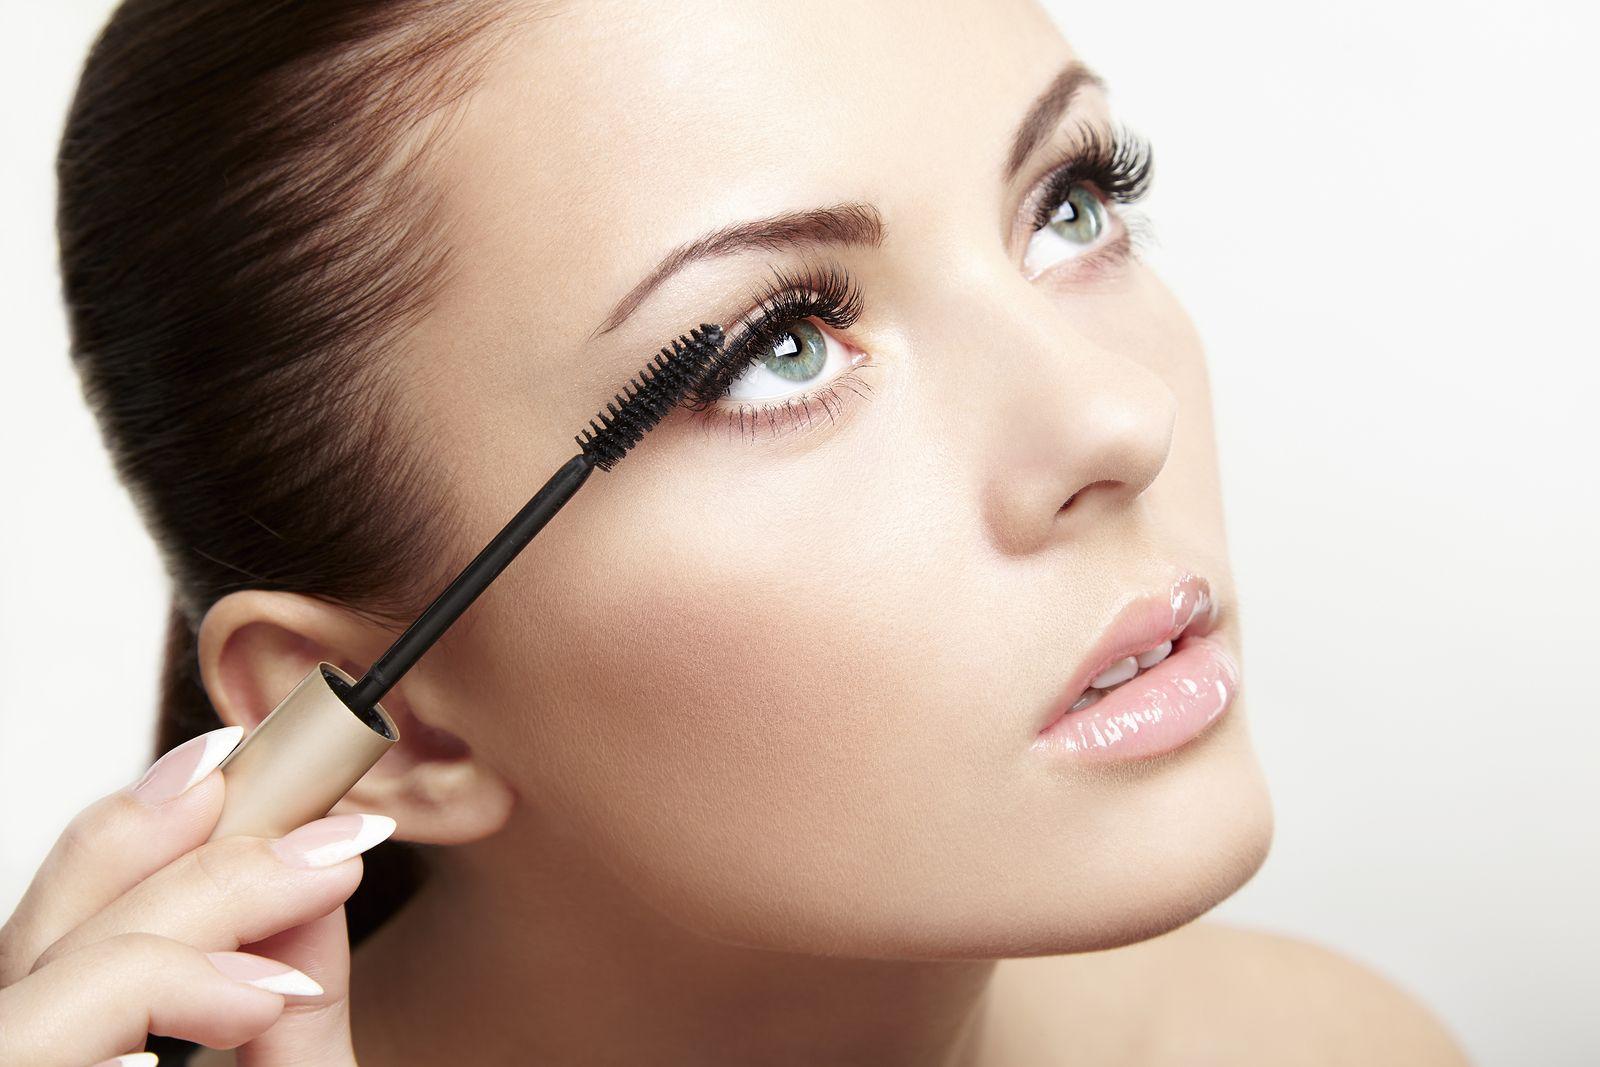 trang điểm với mascara